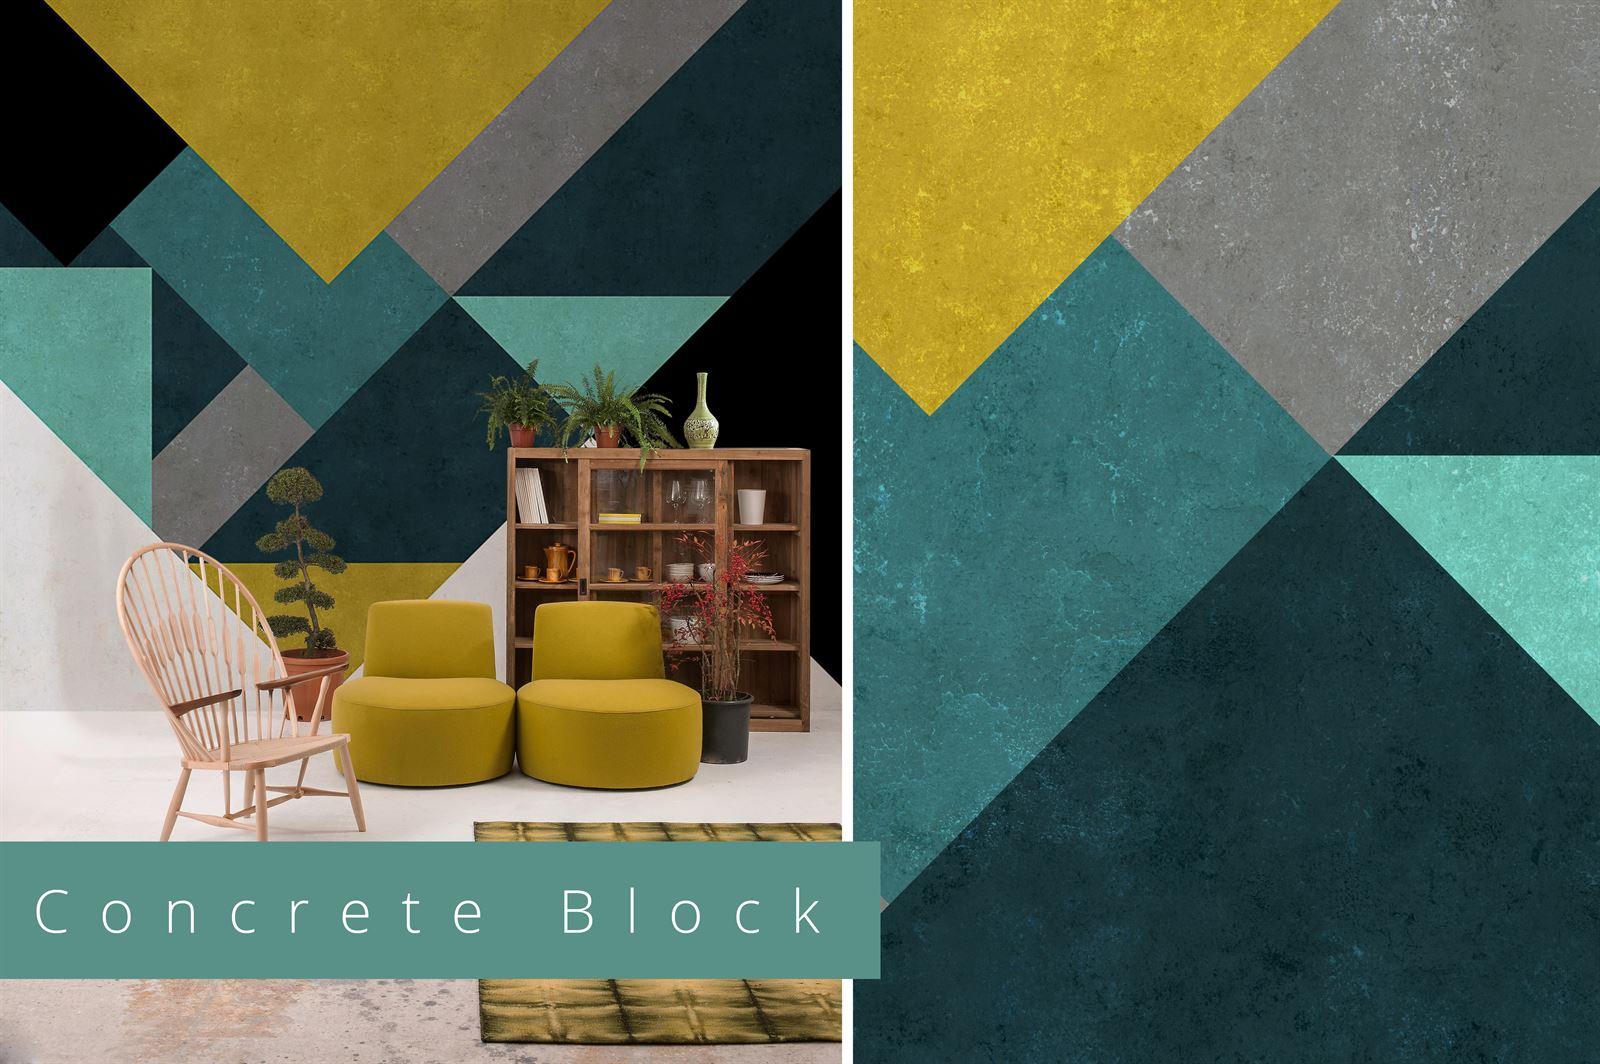 Concrete-Block-blog-copy copy